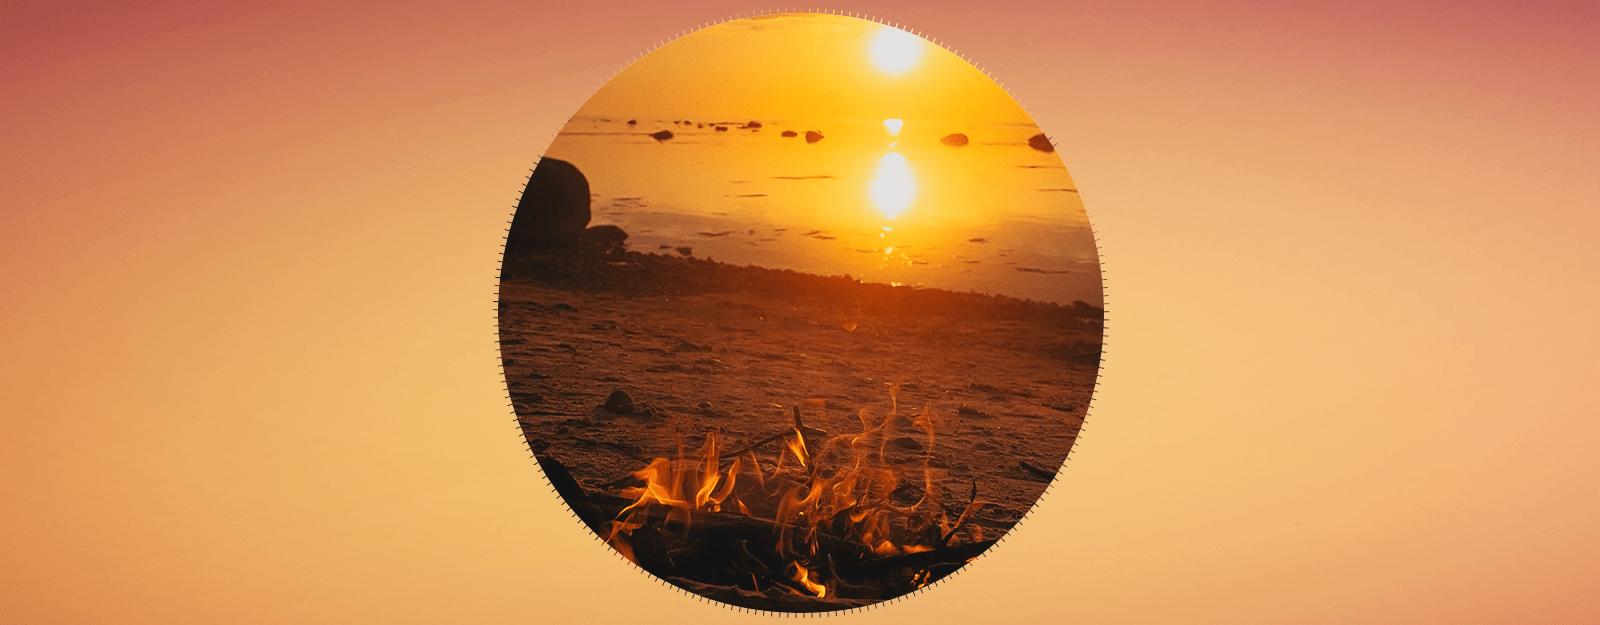 А гори оно все огнем…